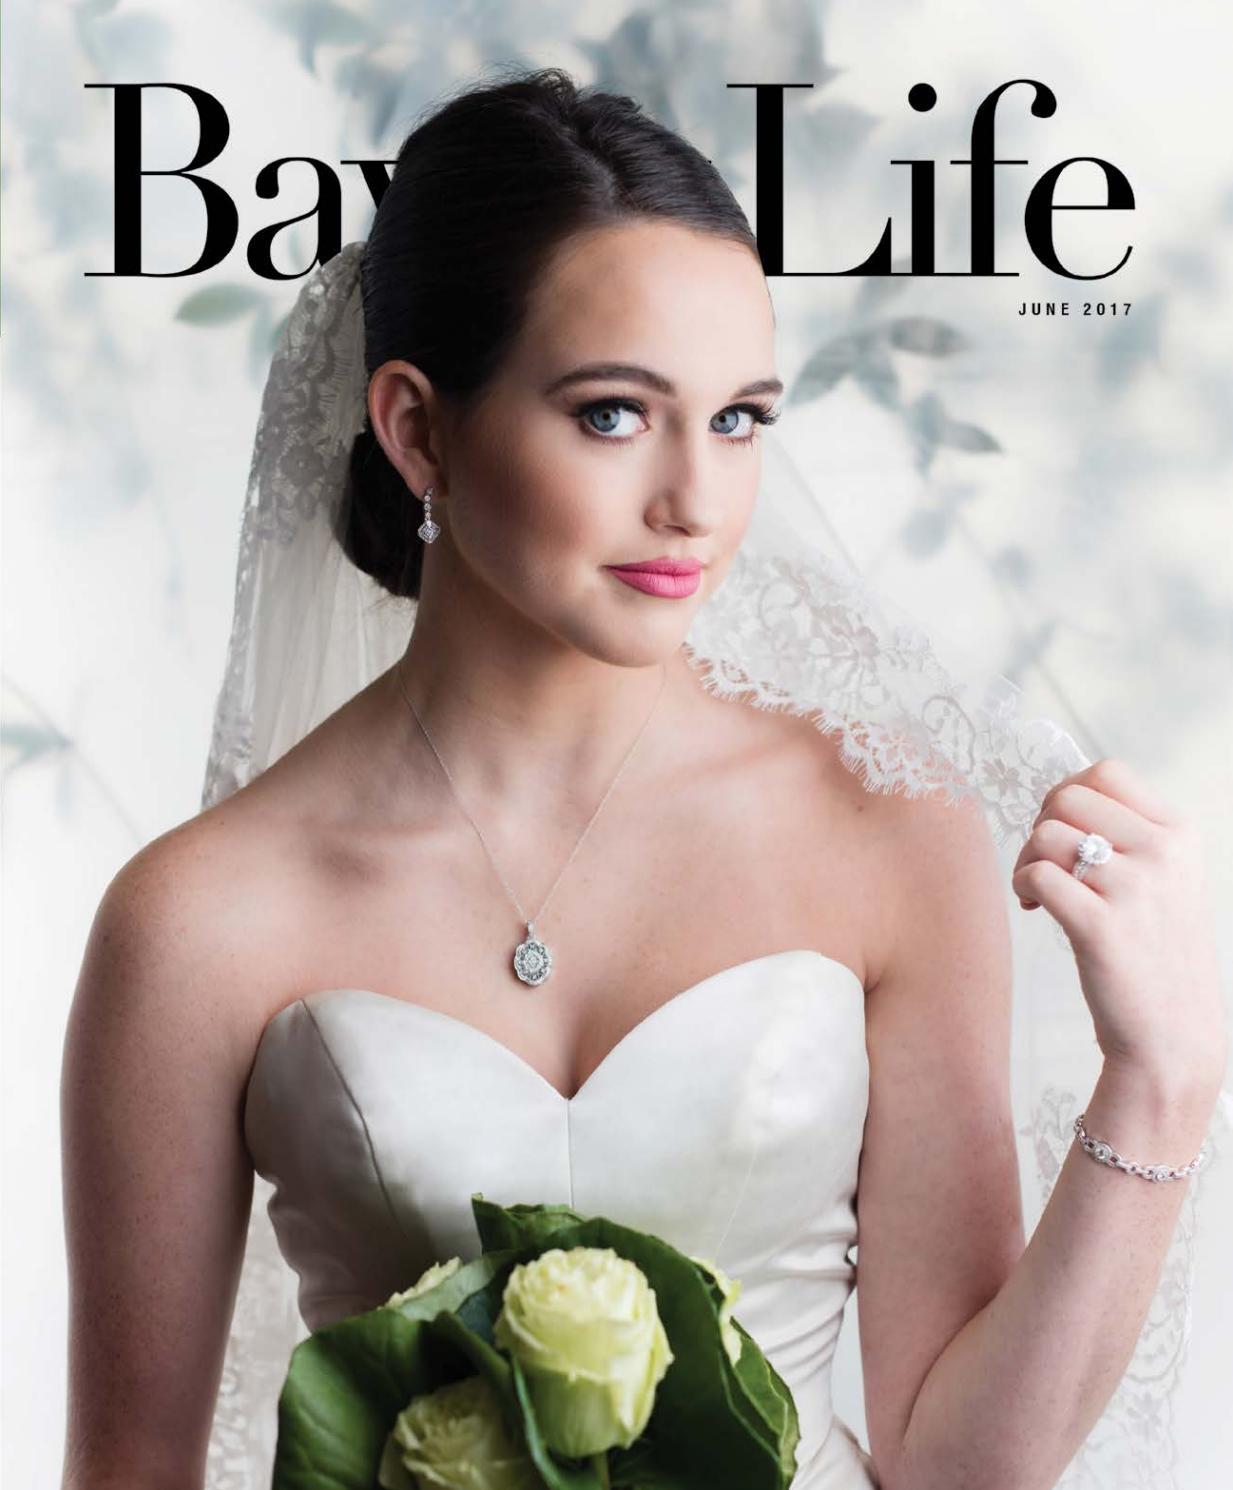 Traci Young Byron Wedding.Bayoulife Magazine June 2017 By Bayoulife Magazine Issuu